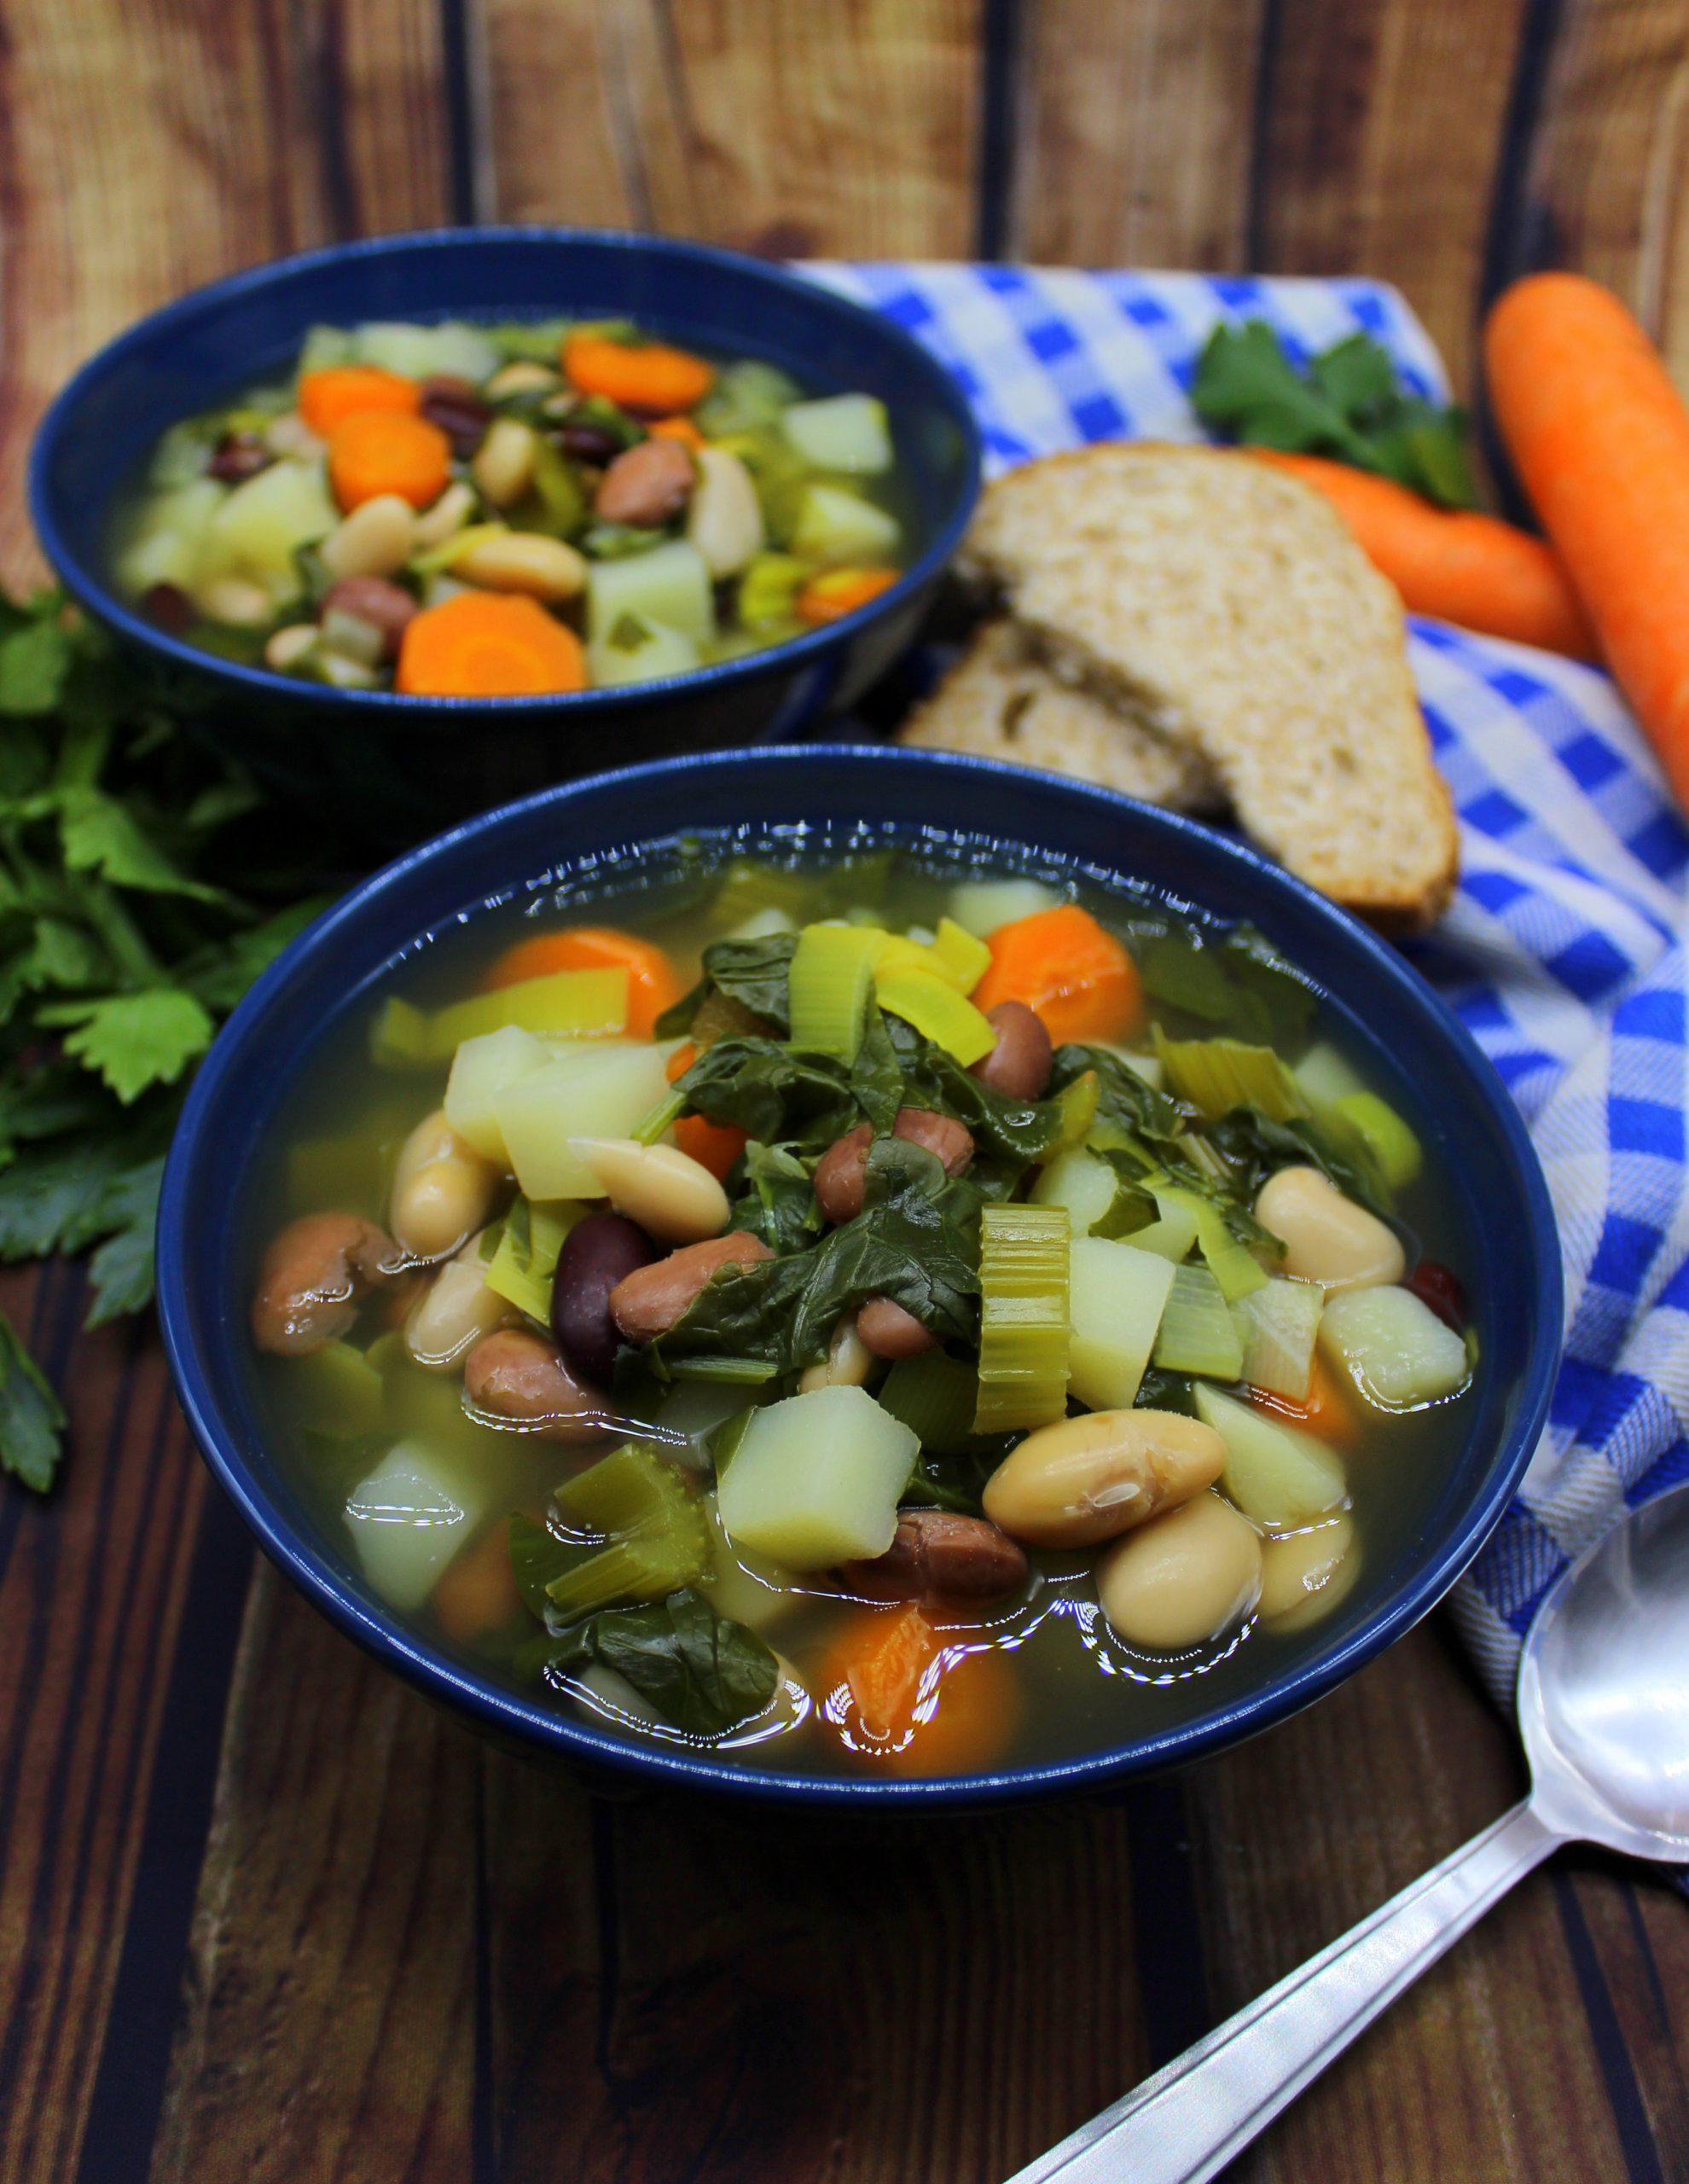 Low-fat four bean soup